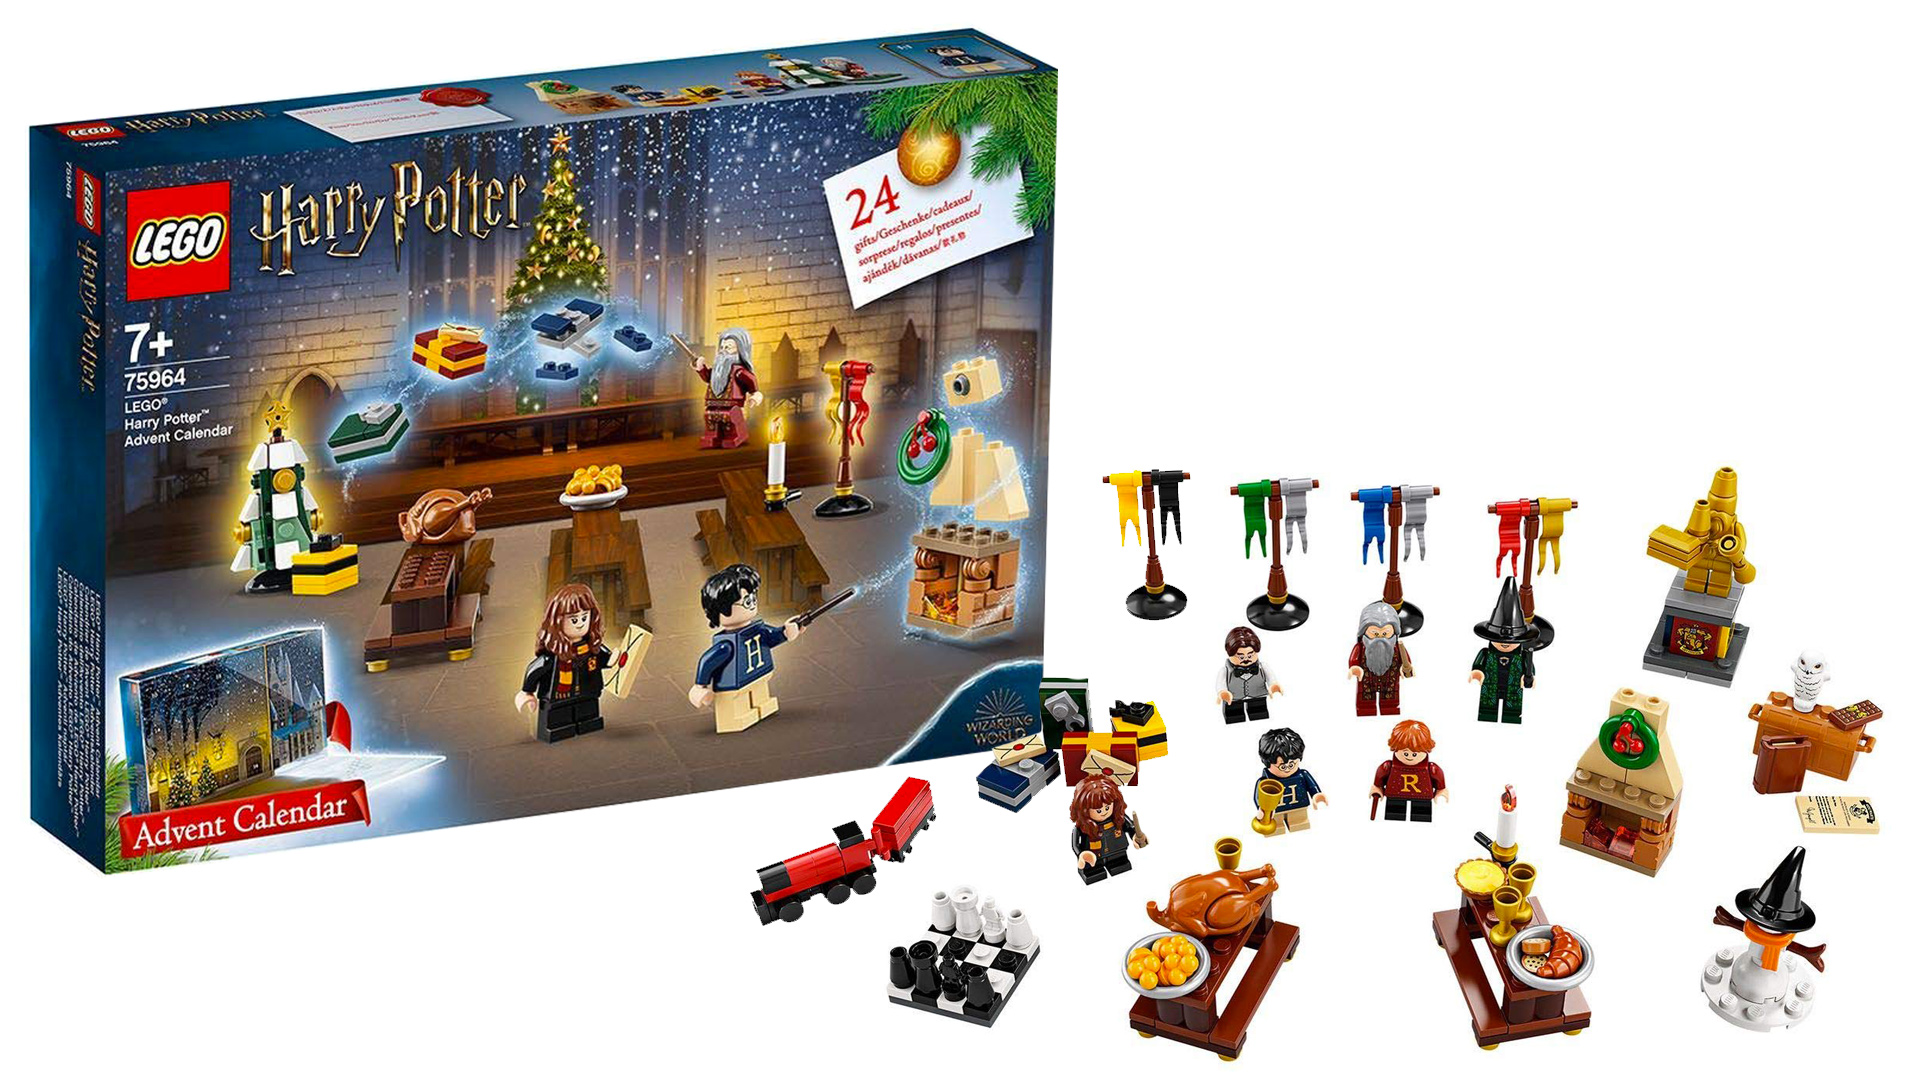 Il Calendario Di Natale Trailer.Lego Harry Potter E Arrivato Il Calendario Dell Avvento